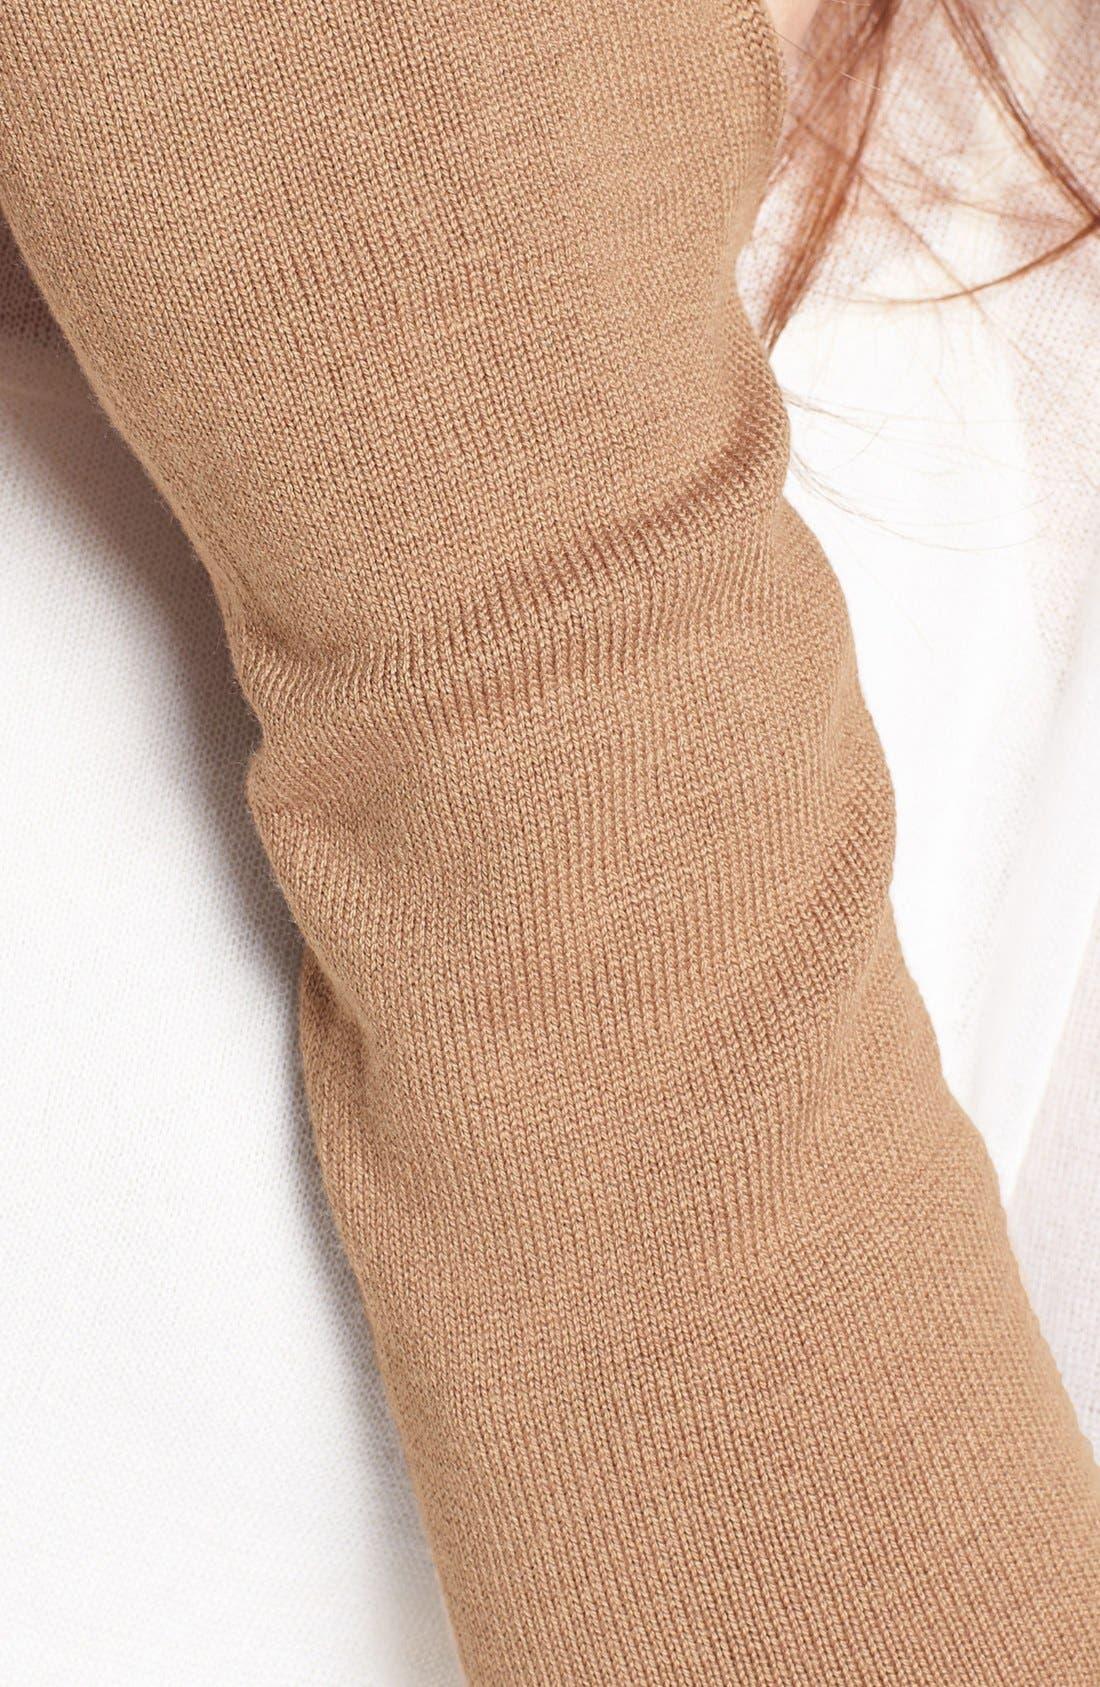 Alternate Image 2  - Echo 'Seasonless' Fingerless Gloves